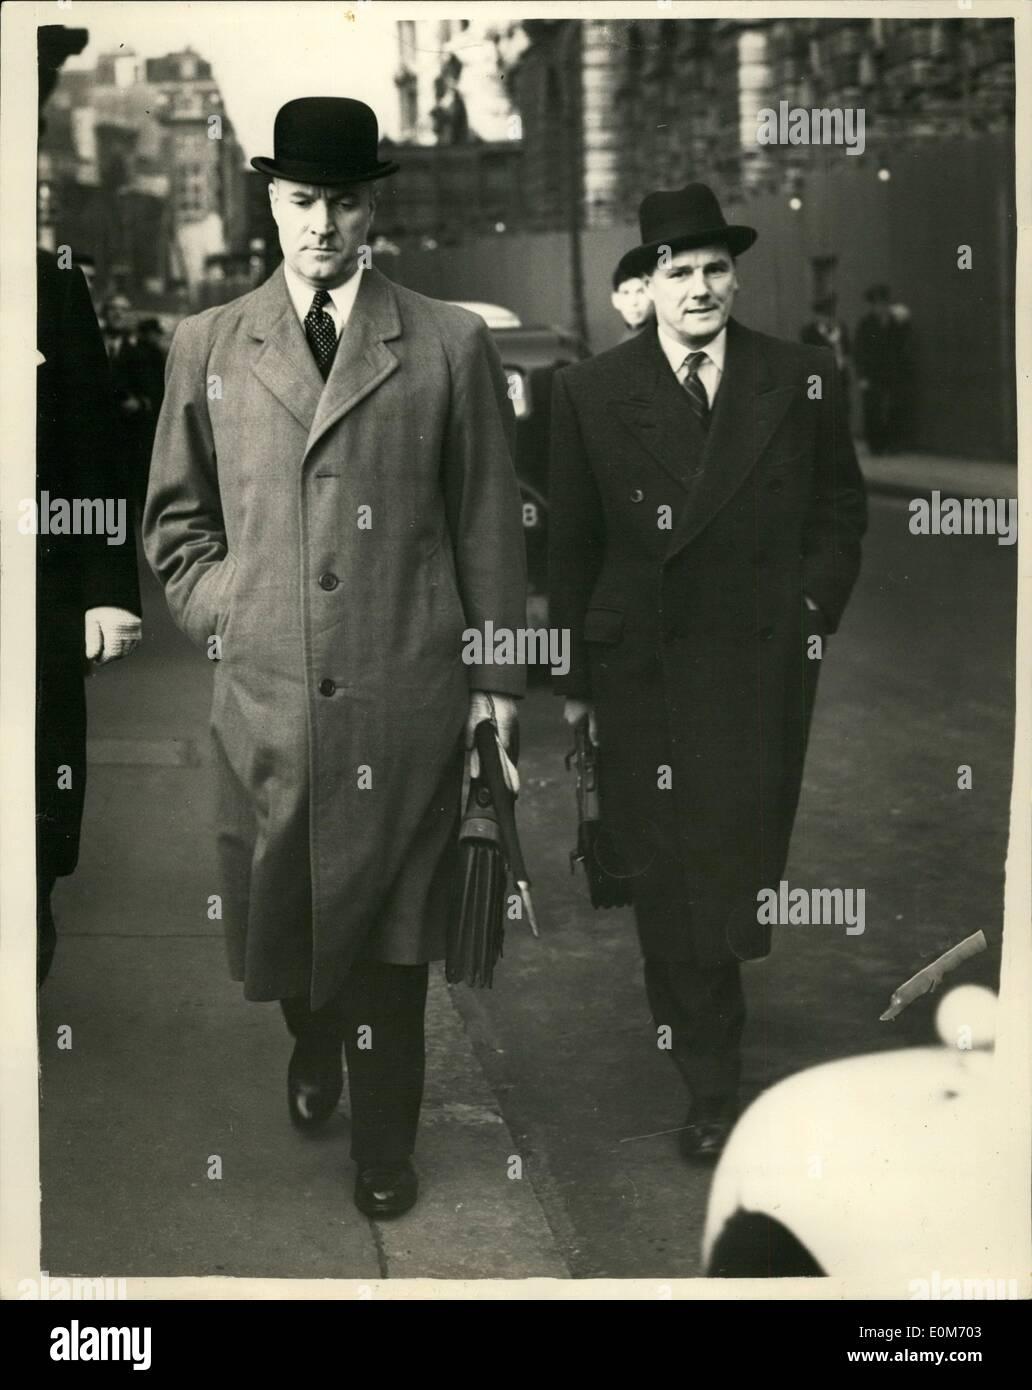 11 novembre 1953 - Le chemin de halage, trouvé coupable de meurtre. Alfred Charles white-way a été condamné à mort hier pour l'un des crimes les plus brutaux de l'histoire de l'Old Bailey - bruit sourd de halage Eddington meurtre de Barbara songhurst, 16 ans. Il a fallu le jury de dix hommes et deux femmes seulement - trois quarts d'heure pour trouver le chemin coupable. phto montre Supt.Herbert Hannam (gauche), a travaillé 17 heures par jour sur le chemin de halage, et analysé 1 650 déclarations écrites - et a l'homme de Hus procès. Avec lui , à droite, est Serge Photo Stock